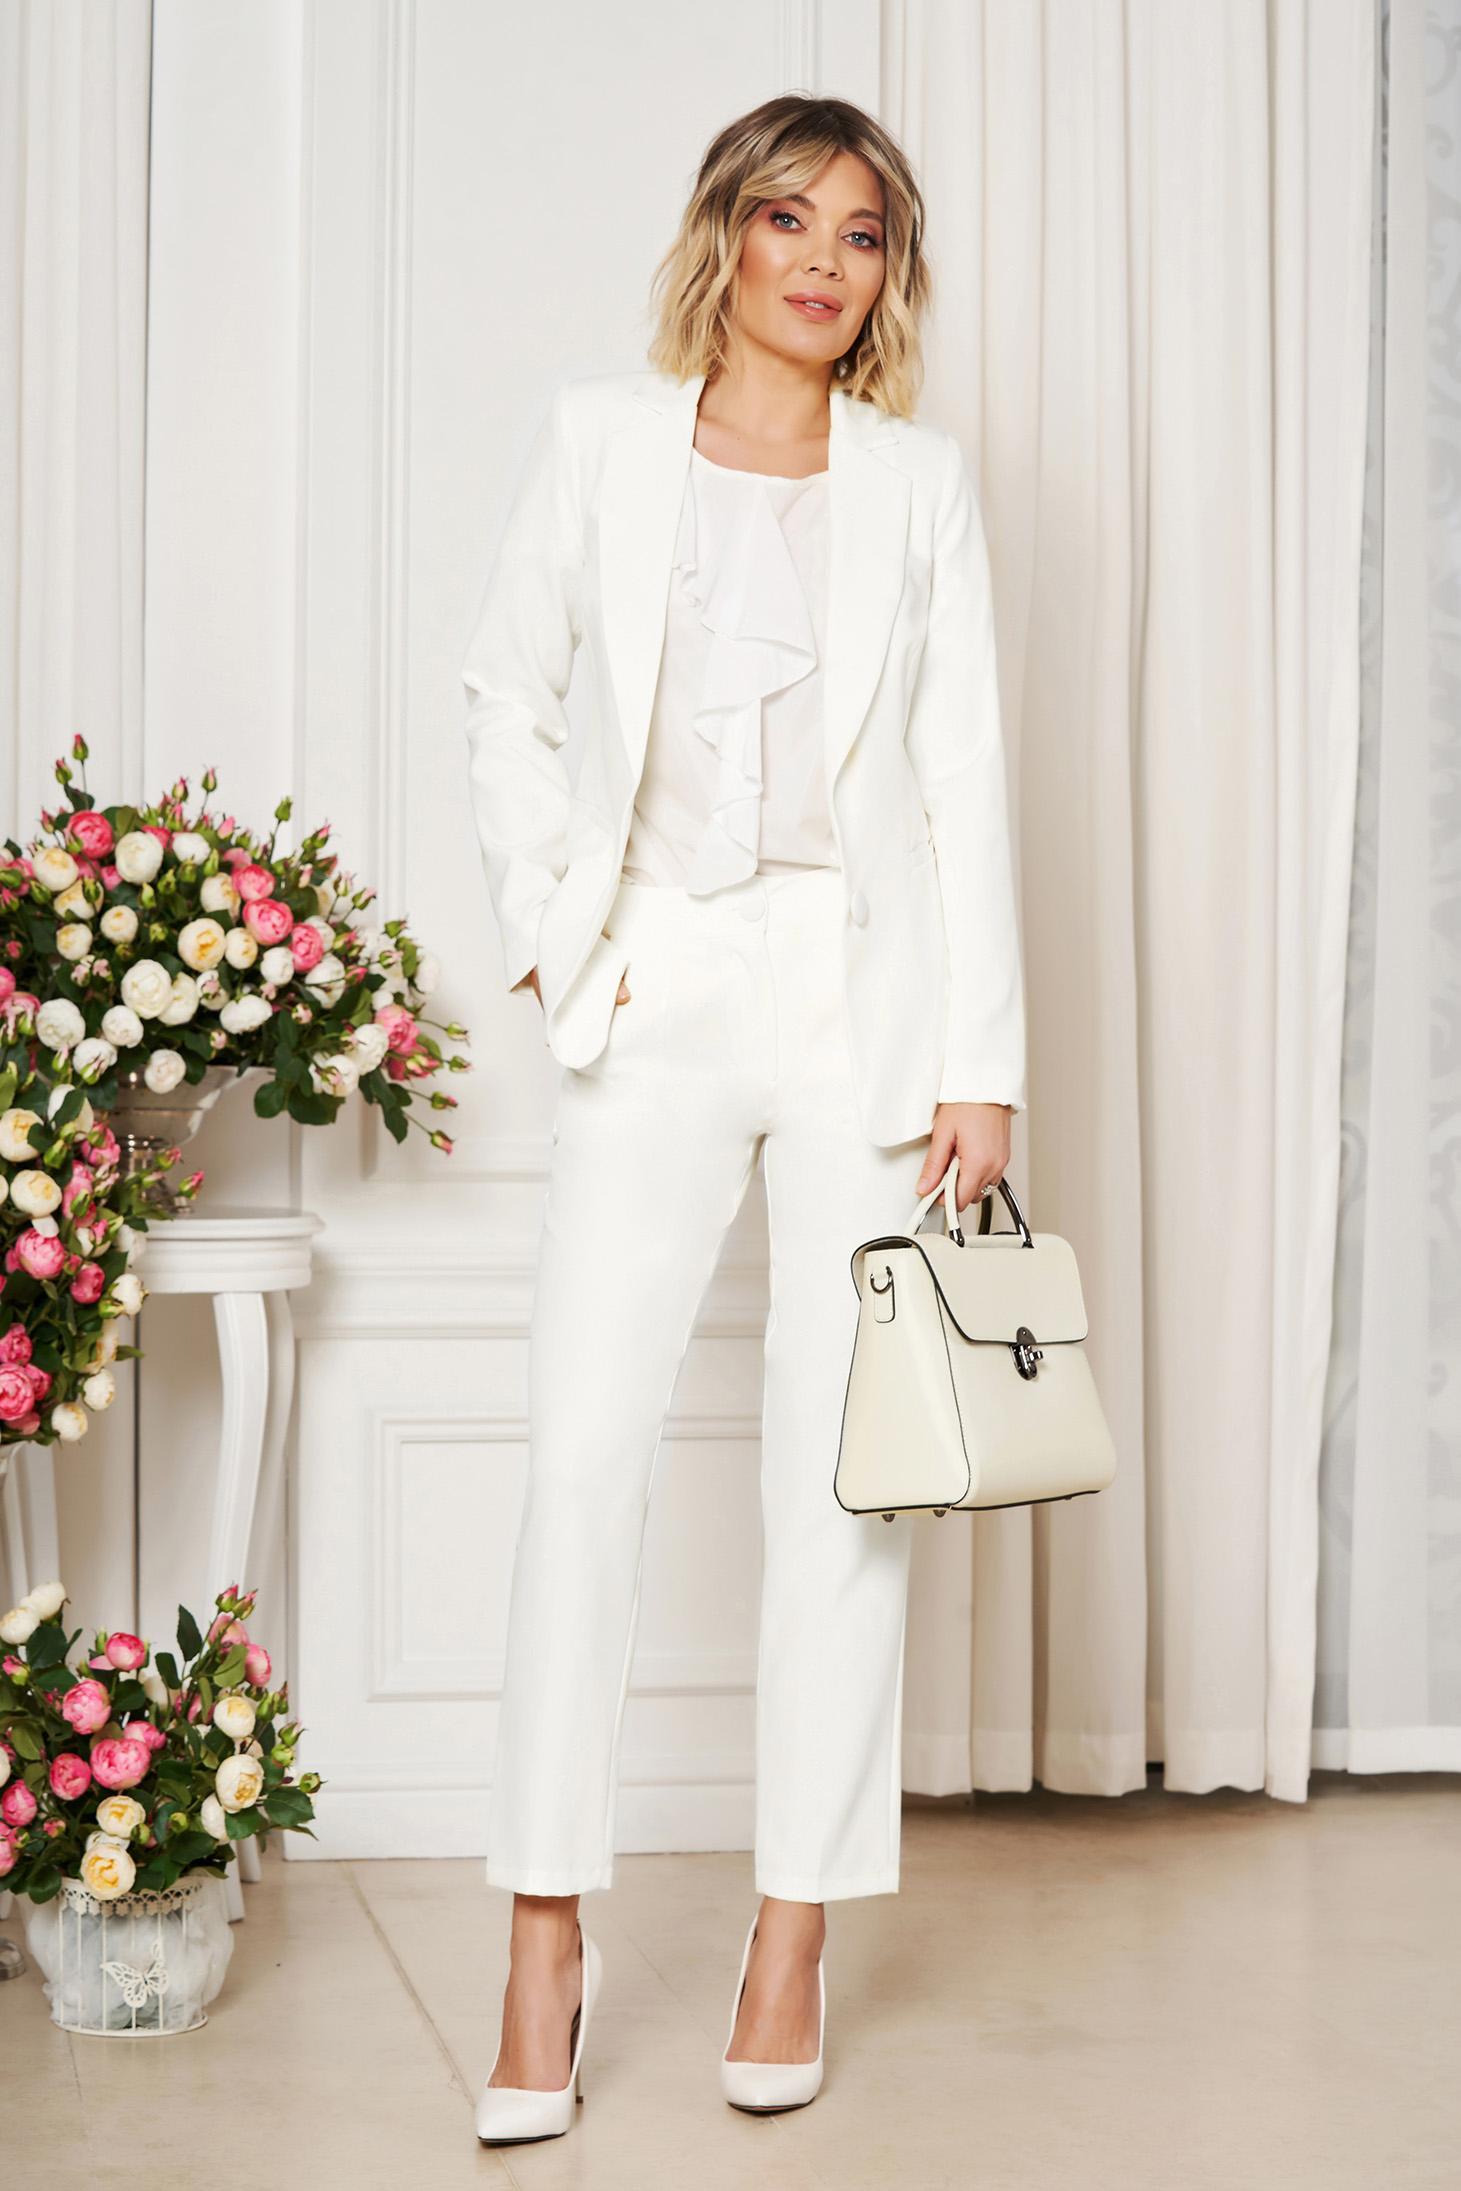 Pantaloni Artista albe office cu un croi drept cu talie medie din stofa usor elastica cu buzunare